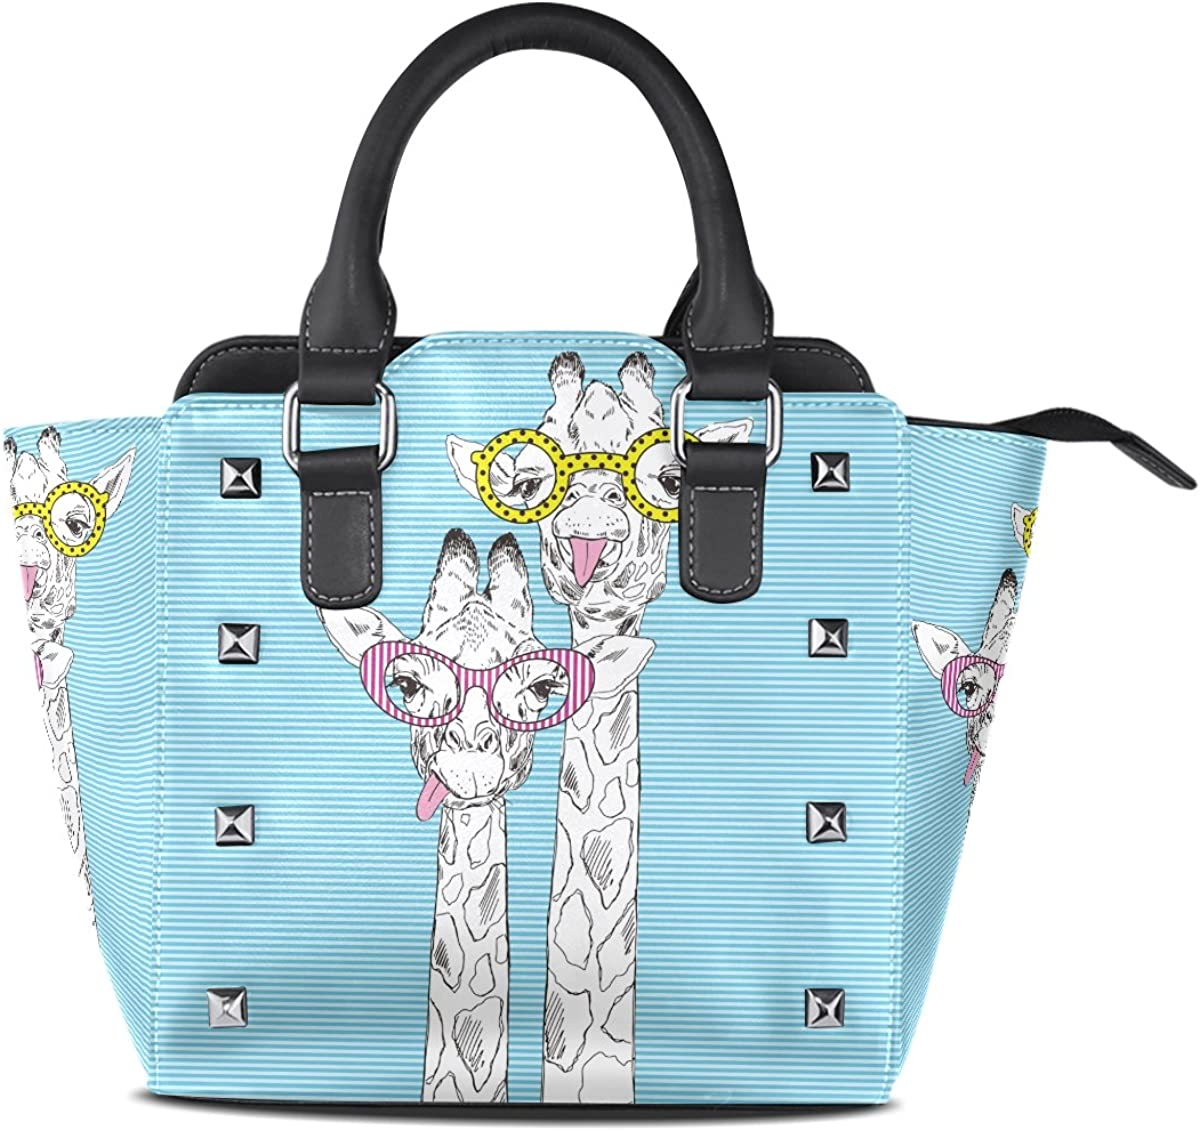 Use4 Womens Blue Striped Cute Giraffe Rivet PU Leather Tote Bag Shoulder Bag Purse